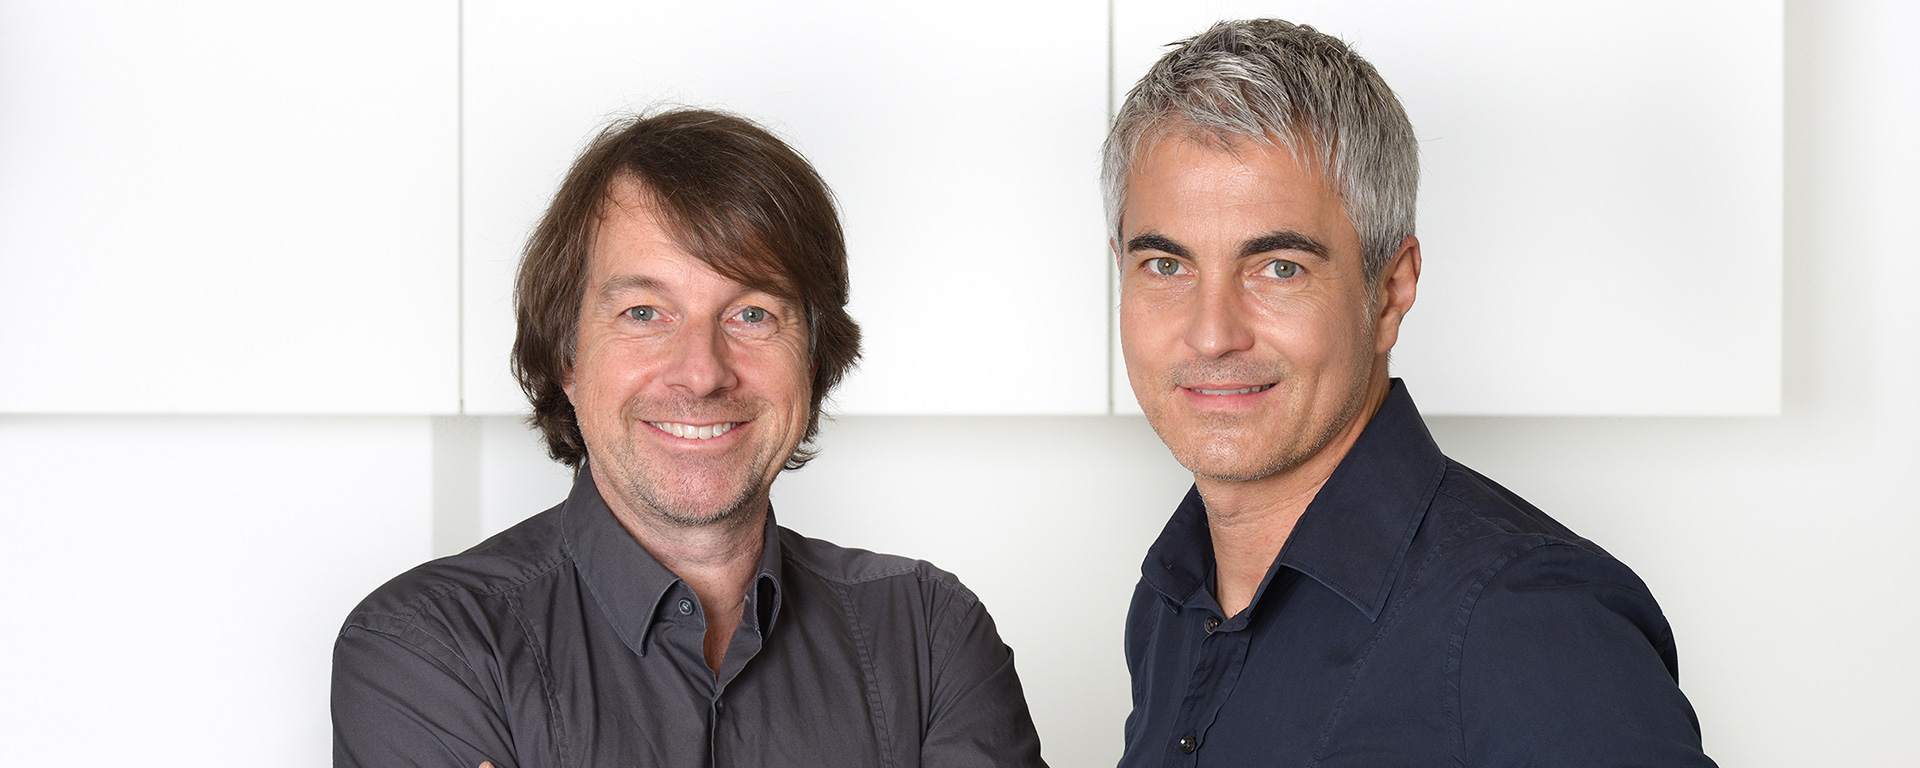 Kompetenz Dr. Cacaci und Dr. Randelzhofer